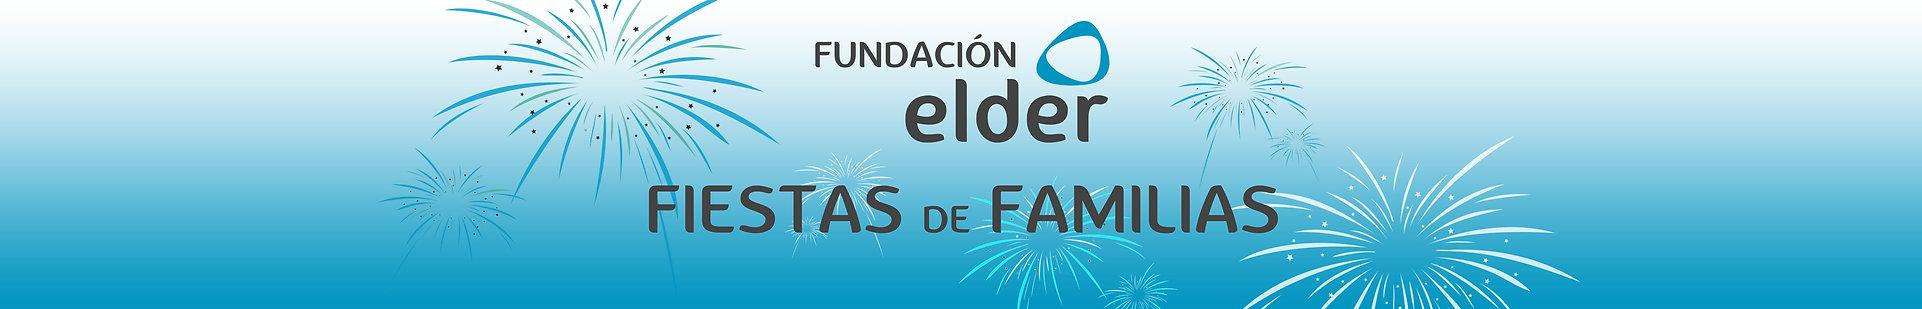 1. FIESTAS DE FAMILIARES EN FUNDACIÓN EL